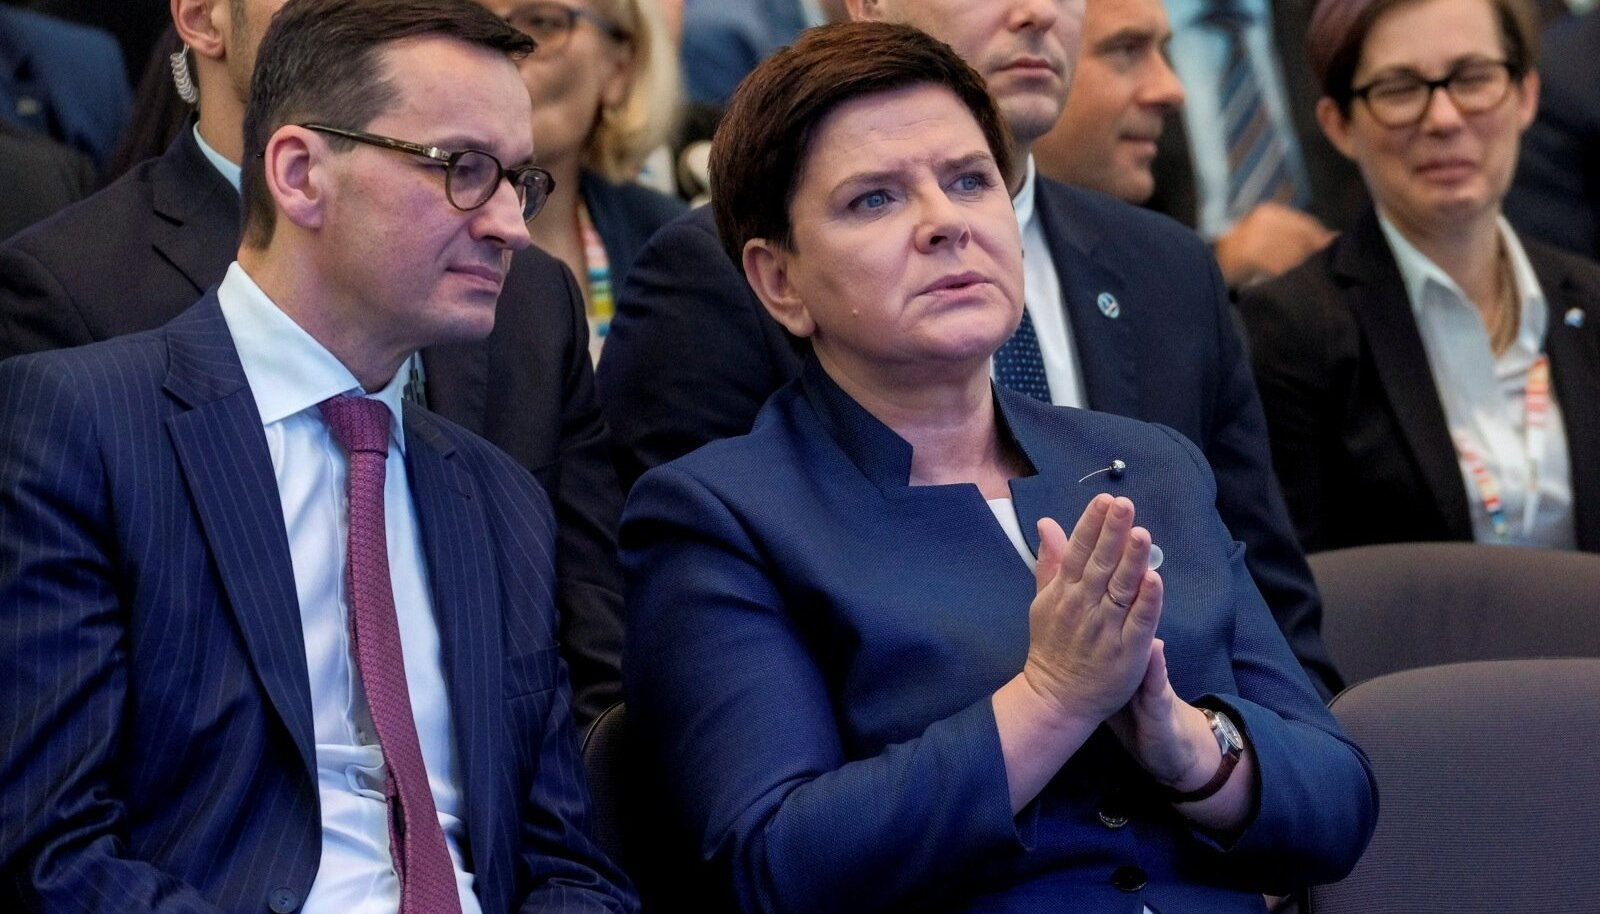 Mateusz Morawiecki ja Beata Szydło